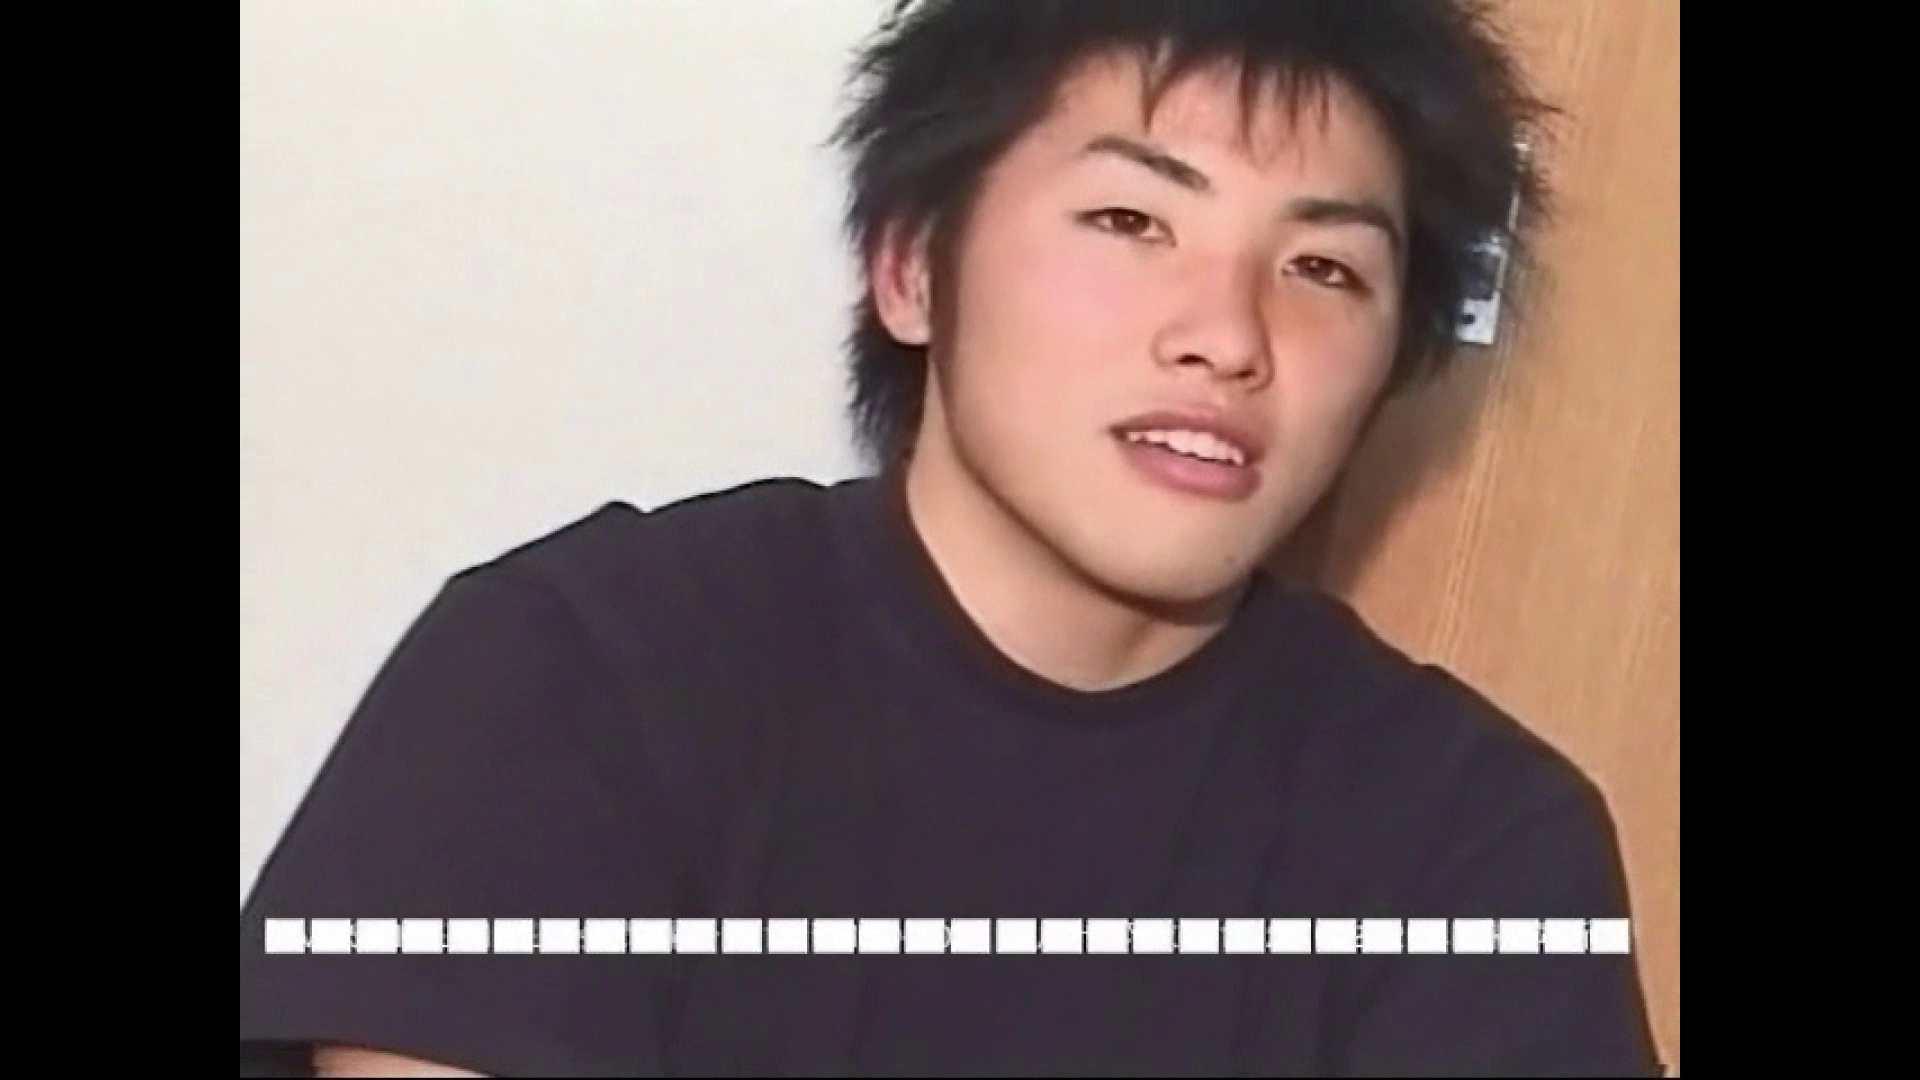 オナれ!集まれ!イケてるメンズ達!!File.30 男天国 | ノンケボーイズ  76pic 2